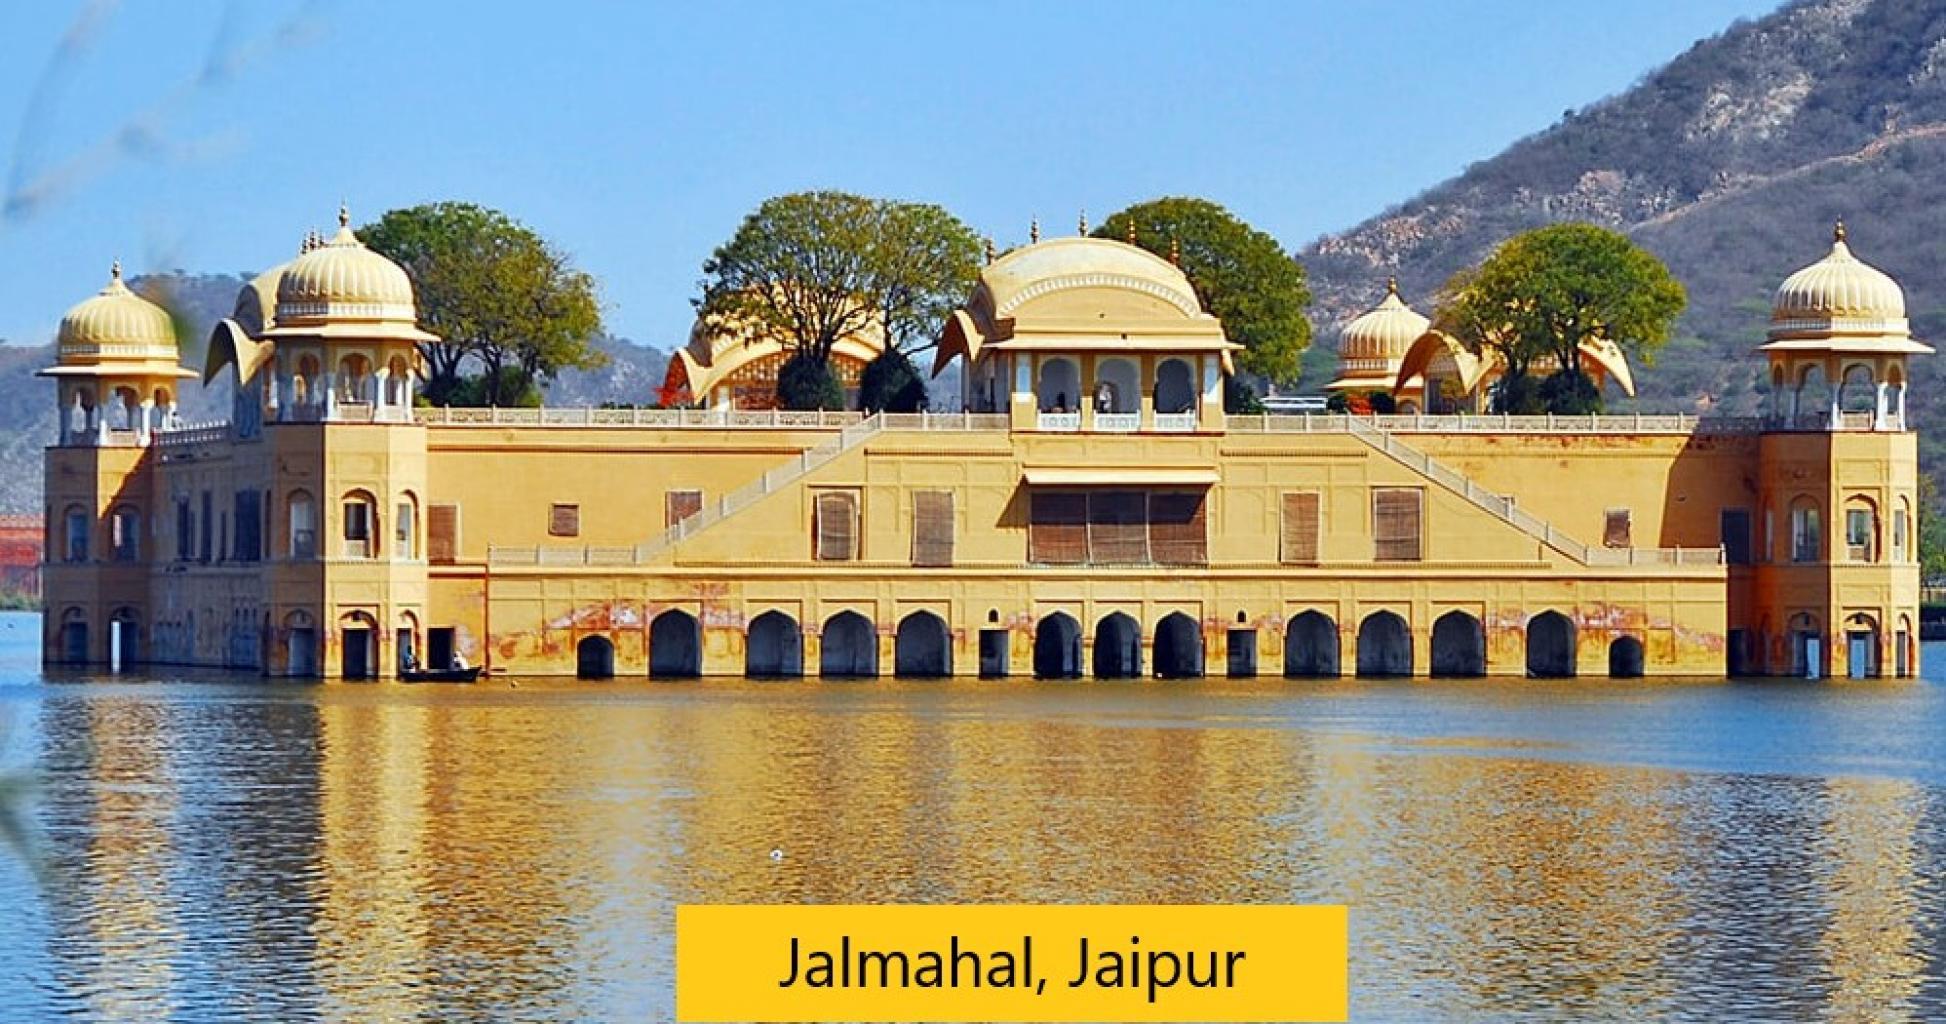 Jalmahal